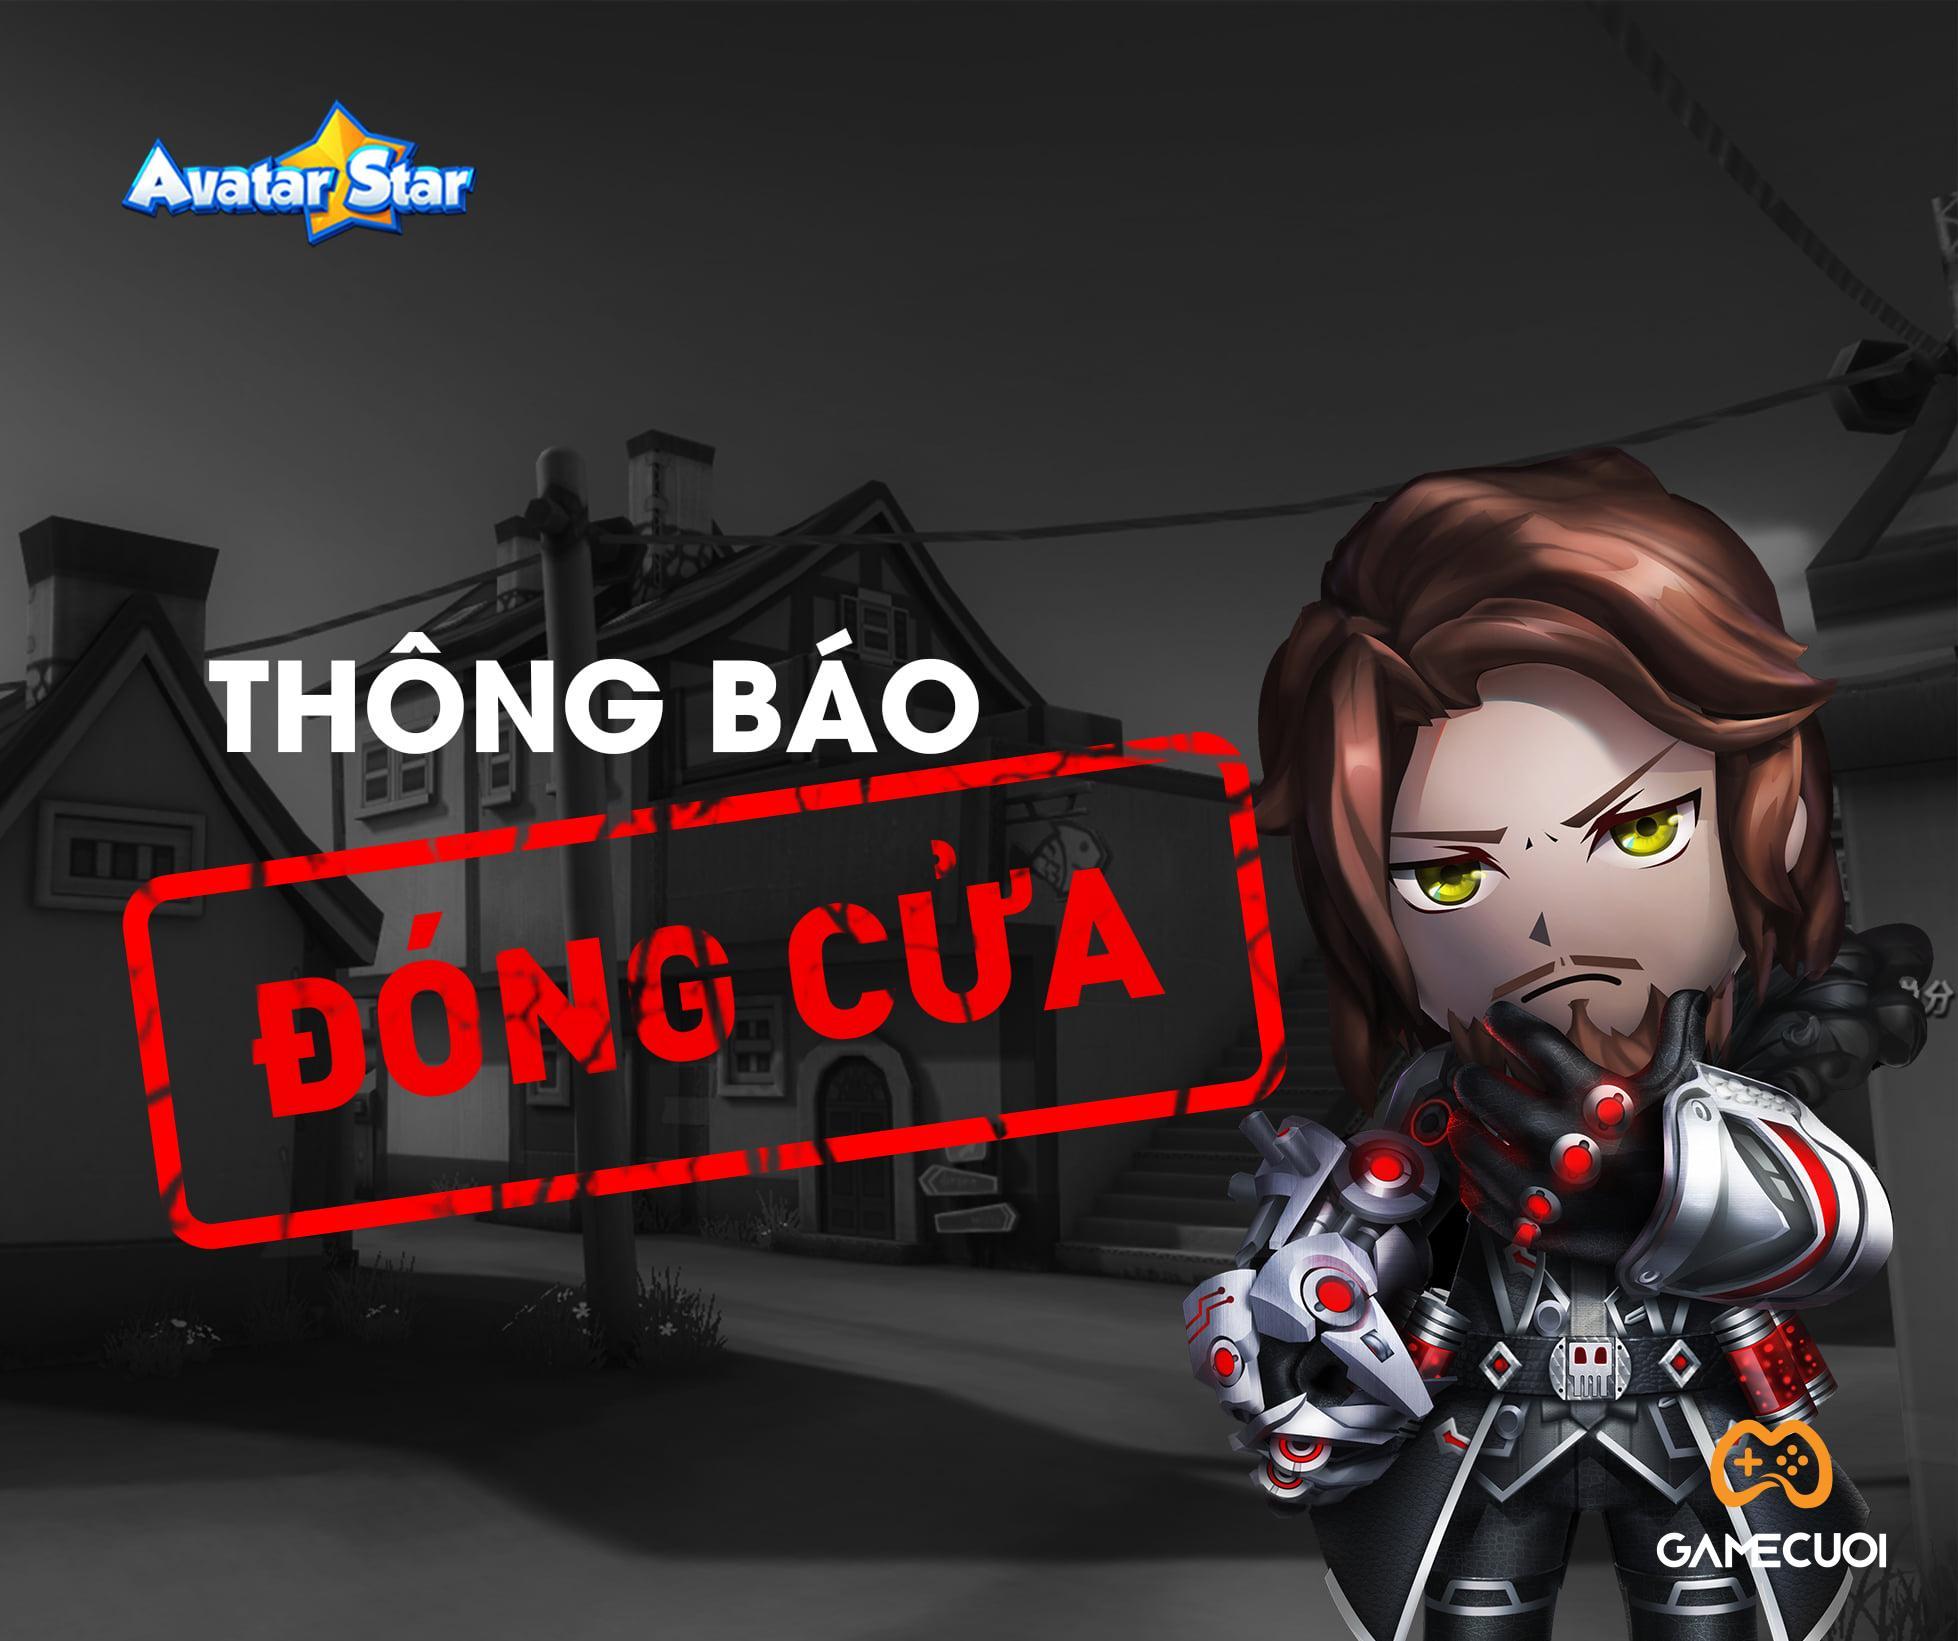 Avatar Star Online thông báo đóng cửa tại thị trường Việt Nam